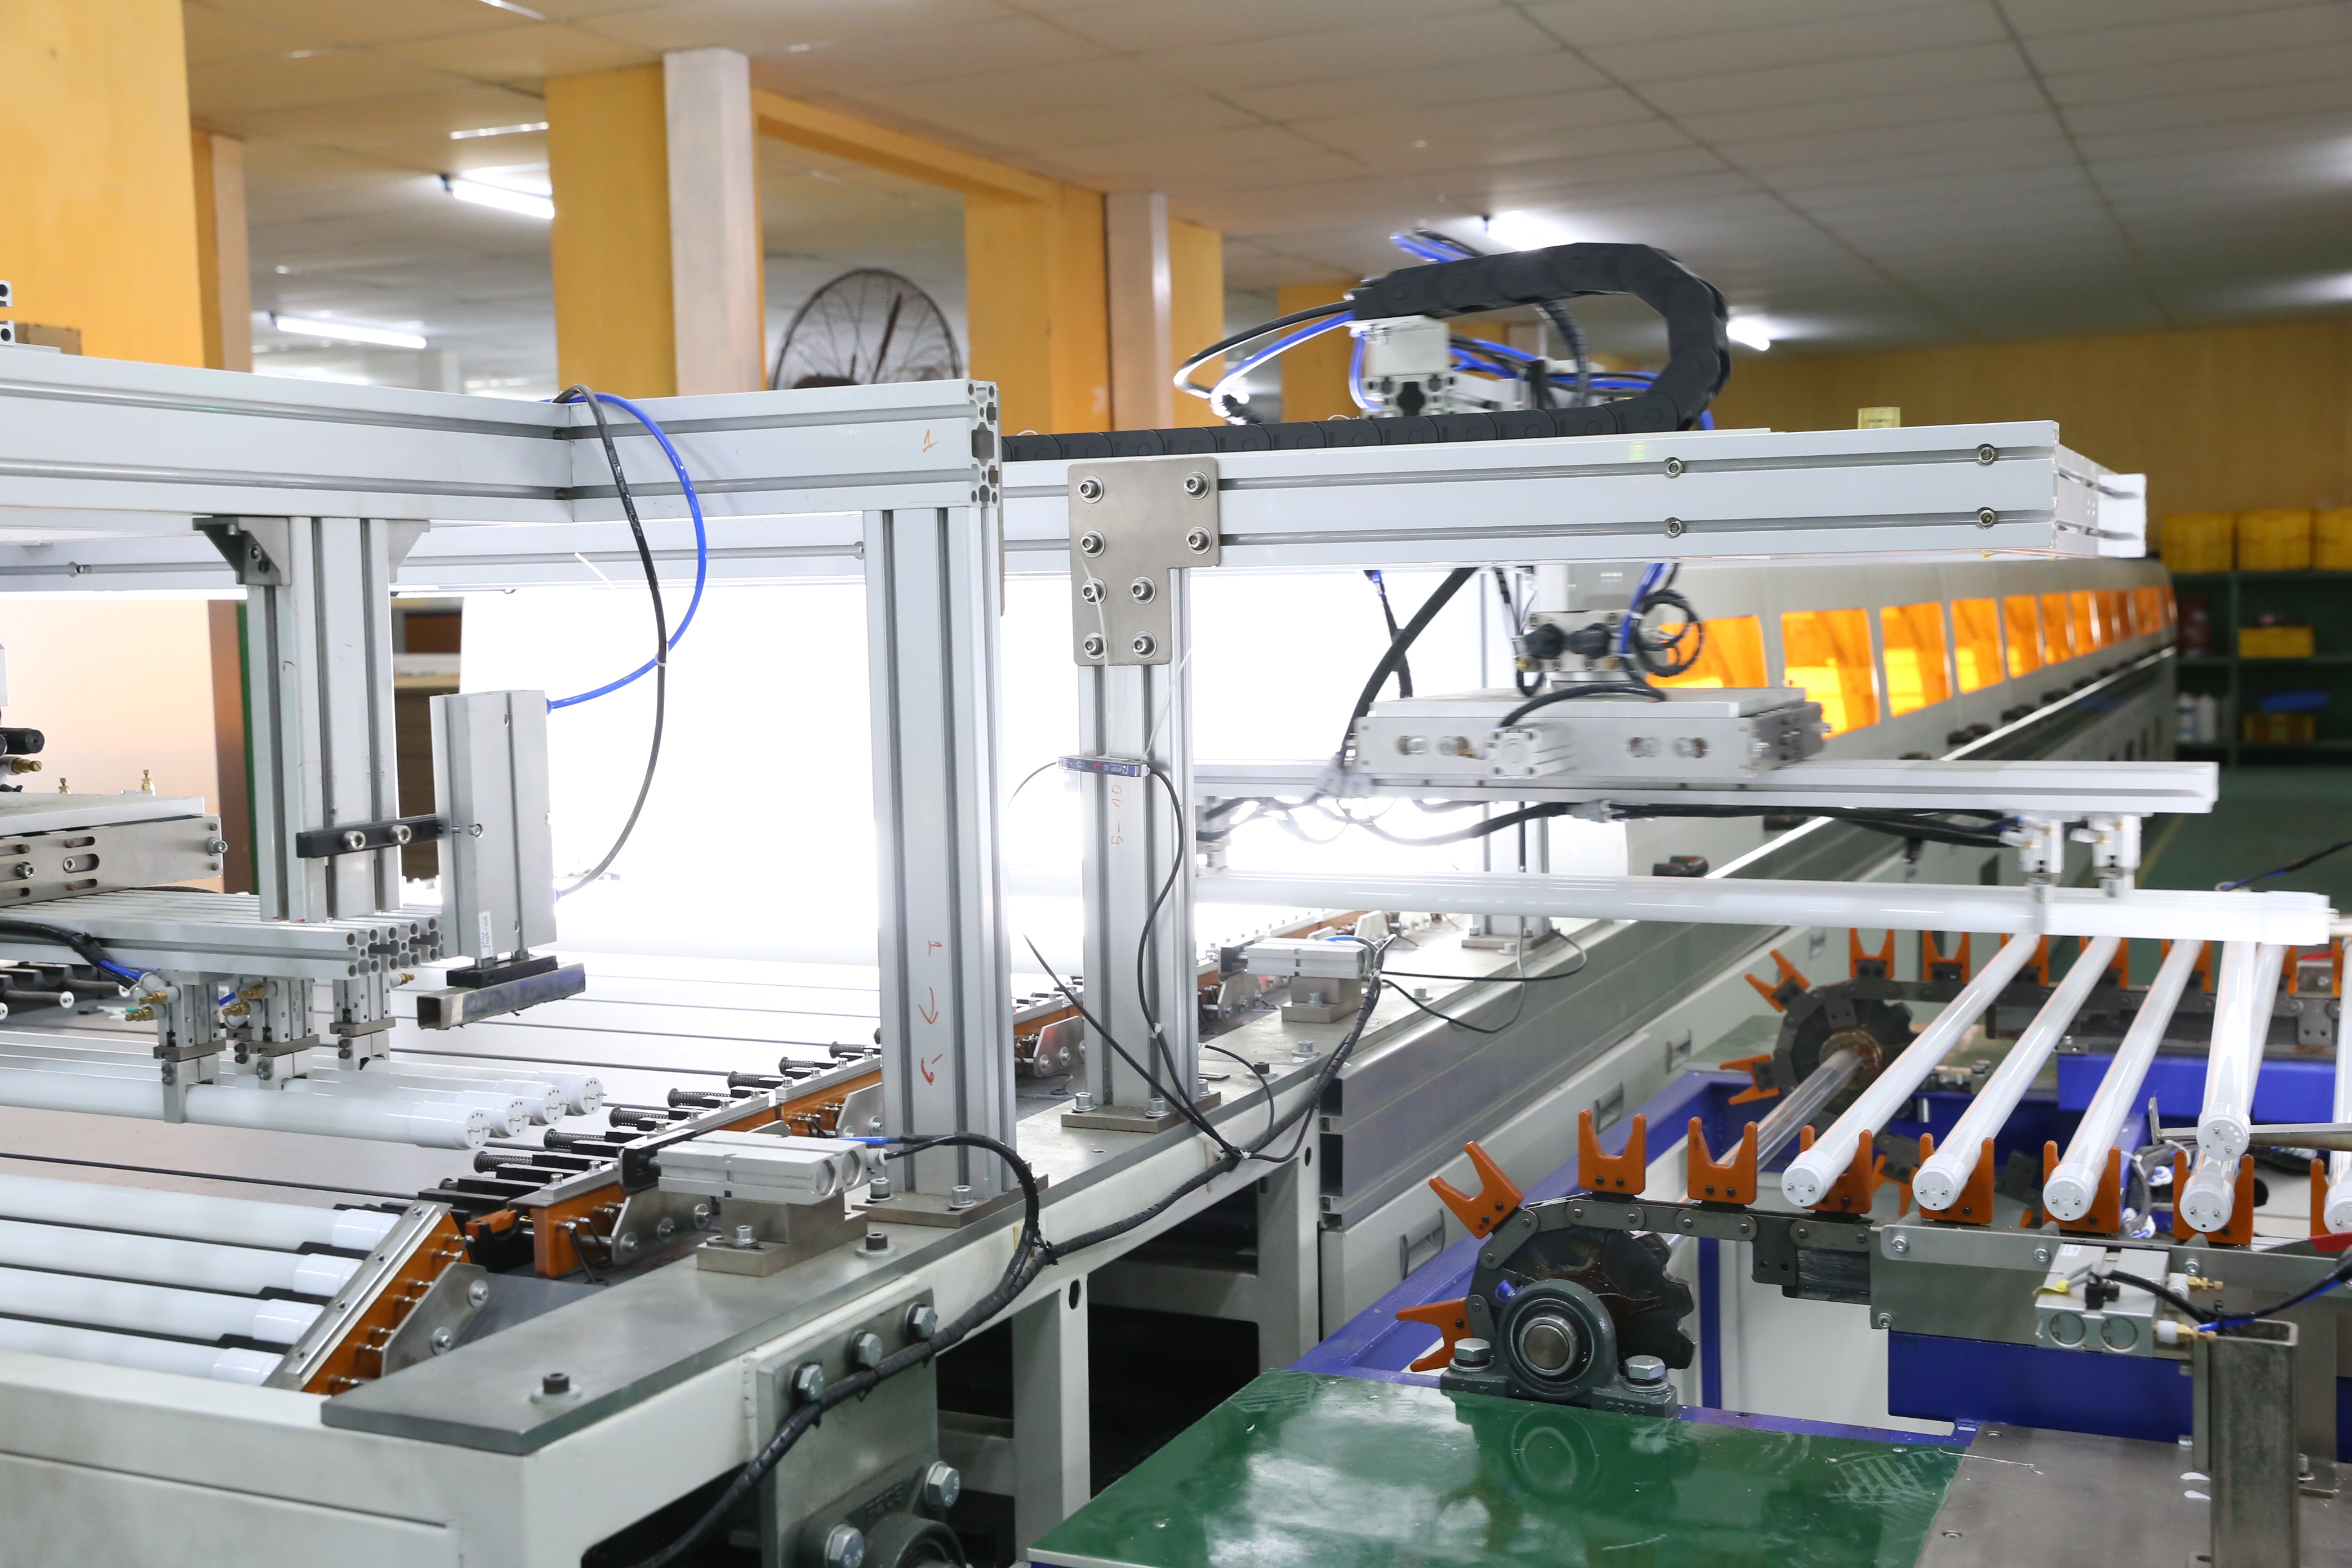 Áp dụng công nghệ tiên tiến vào sản xuất giúp doanh nghiệp nâng cao năng suất lao động